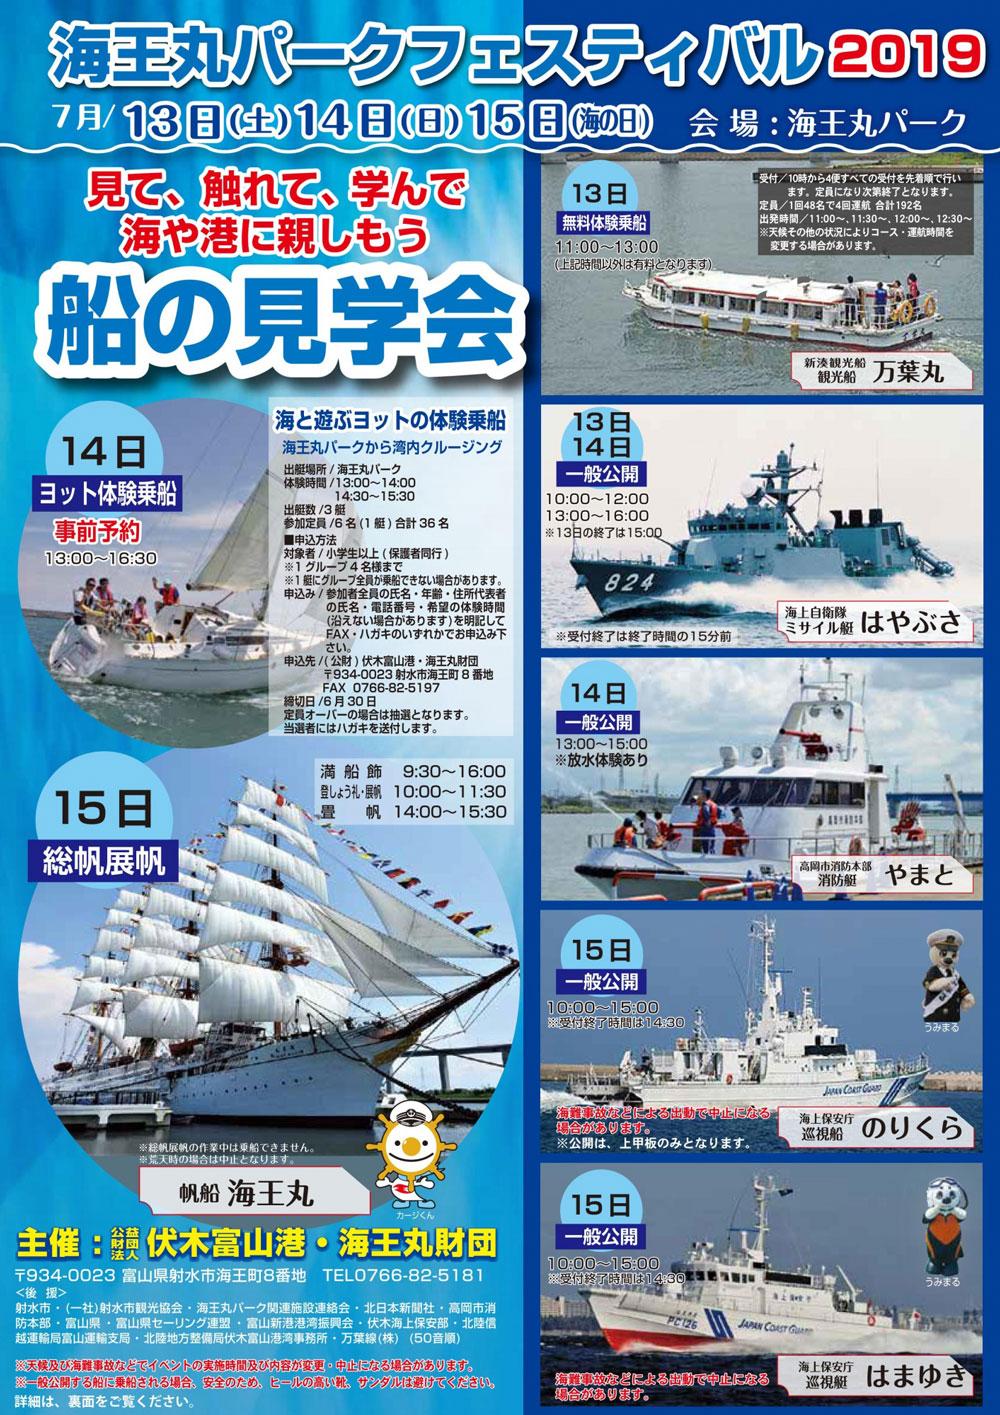 【海王丸パークフェスティバル2019】海上自衛艦はやぶさ一般公開やヨット体験!